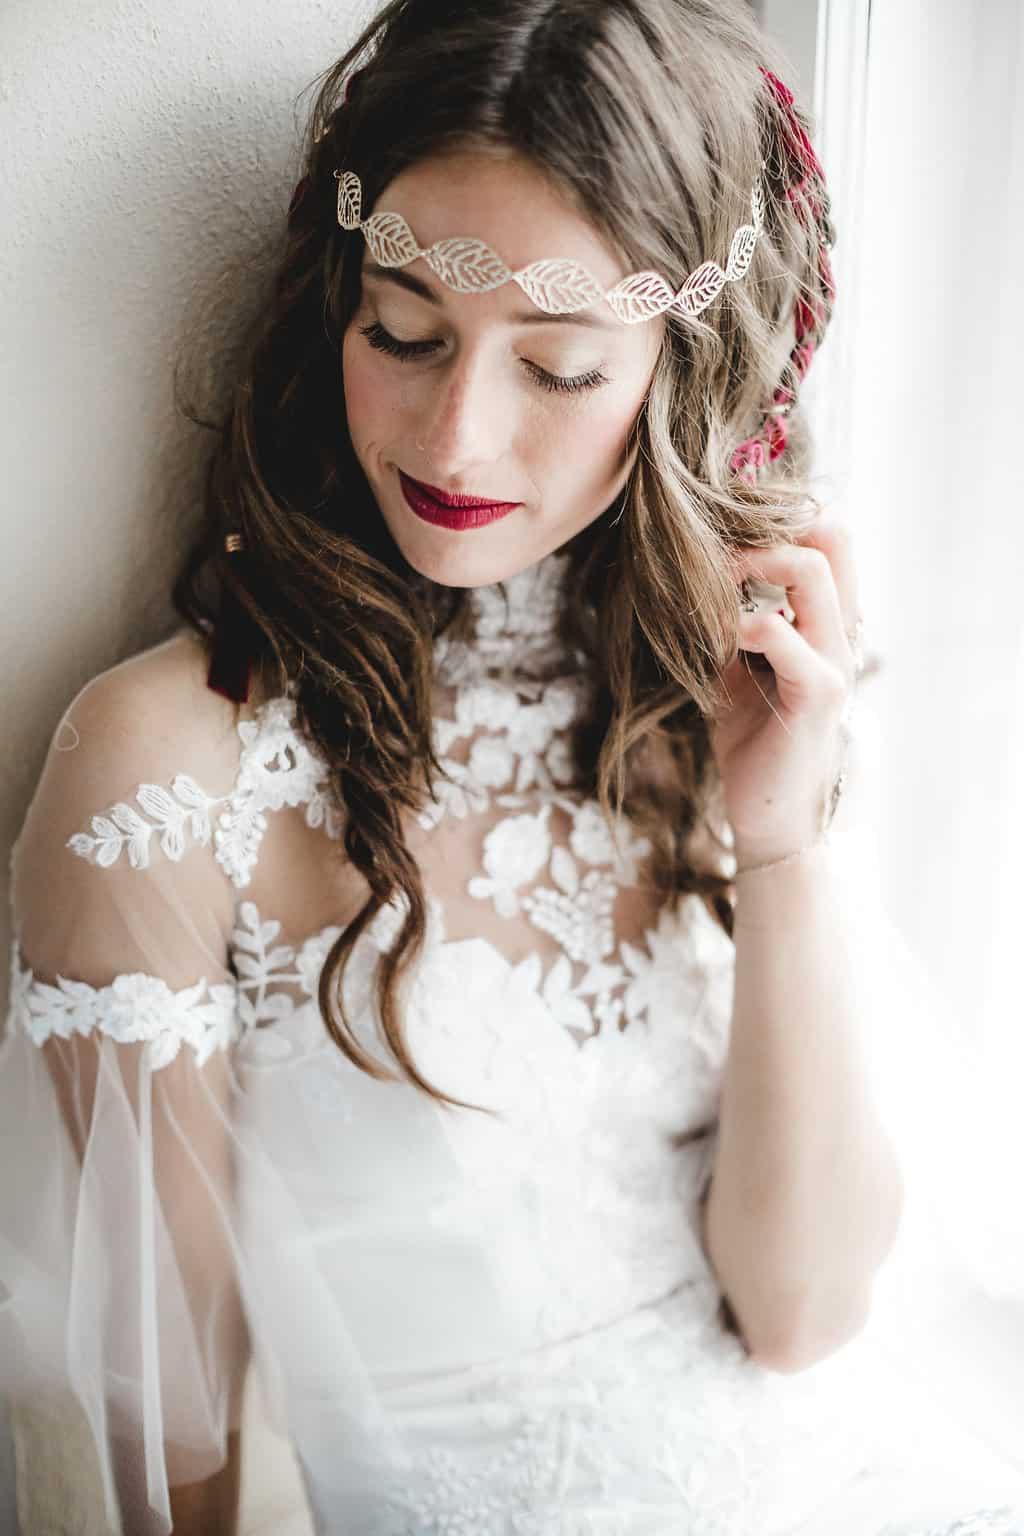 Hochzeitsinspiration: Boho Finesse, Marsala-Gold, Braut mit goldenem Haarschmuck | marygoesround.de